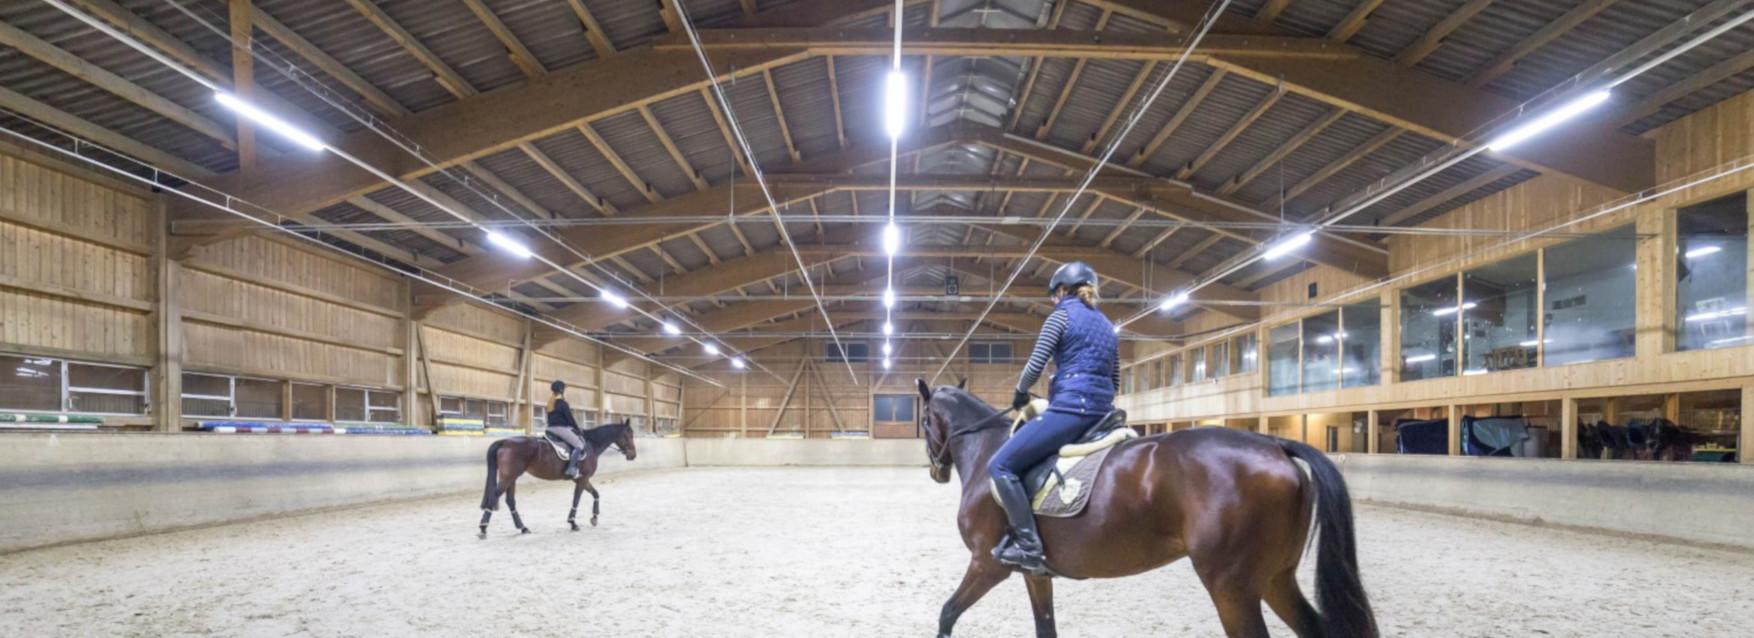 FRESHLIGHT LED Beleuchtung und Ionisation für Ställe und Hallen